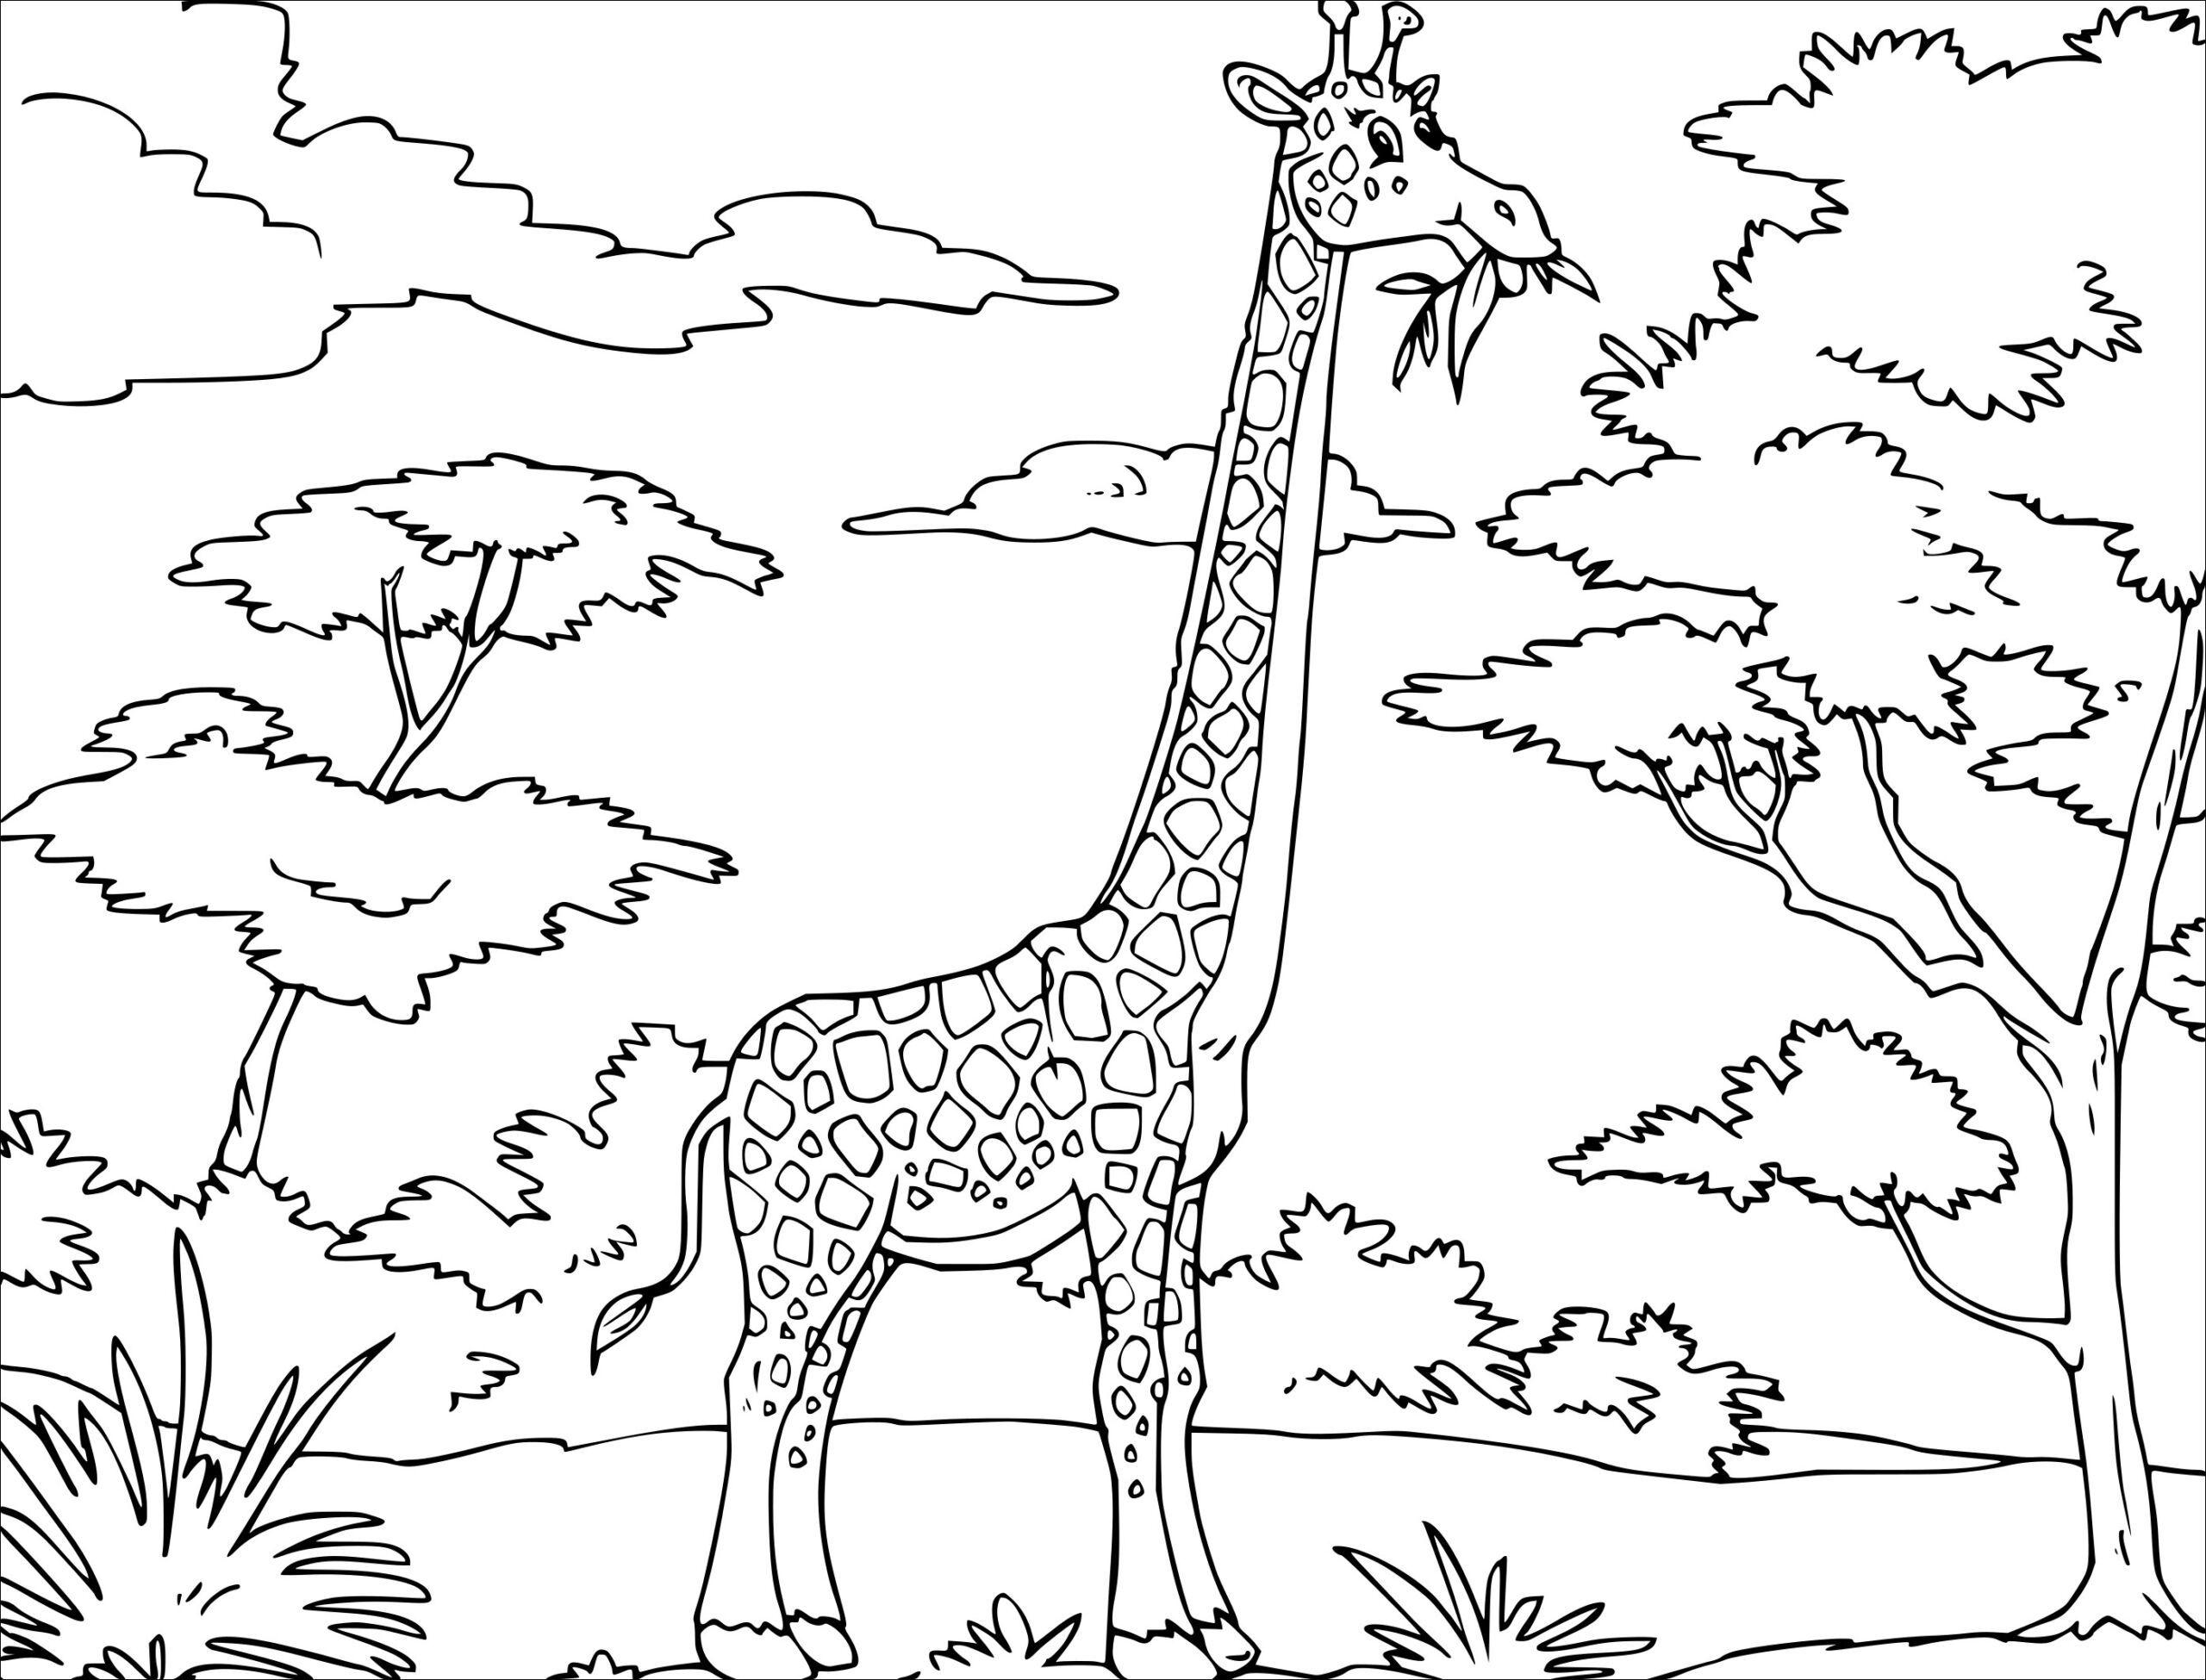 21 Premier Coloriage Girafe A Imprimer Collection Boek Bladzijden Kleuren Dieren Kleurplaten Gratis Kleurplaten